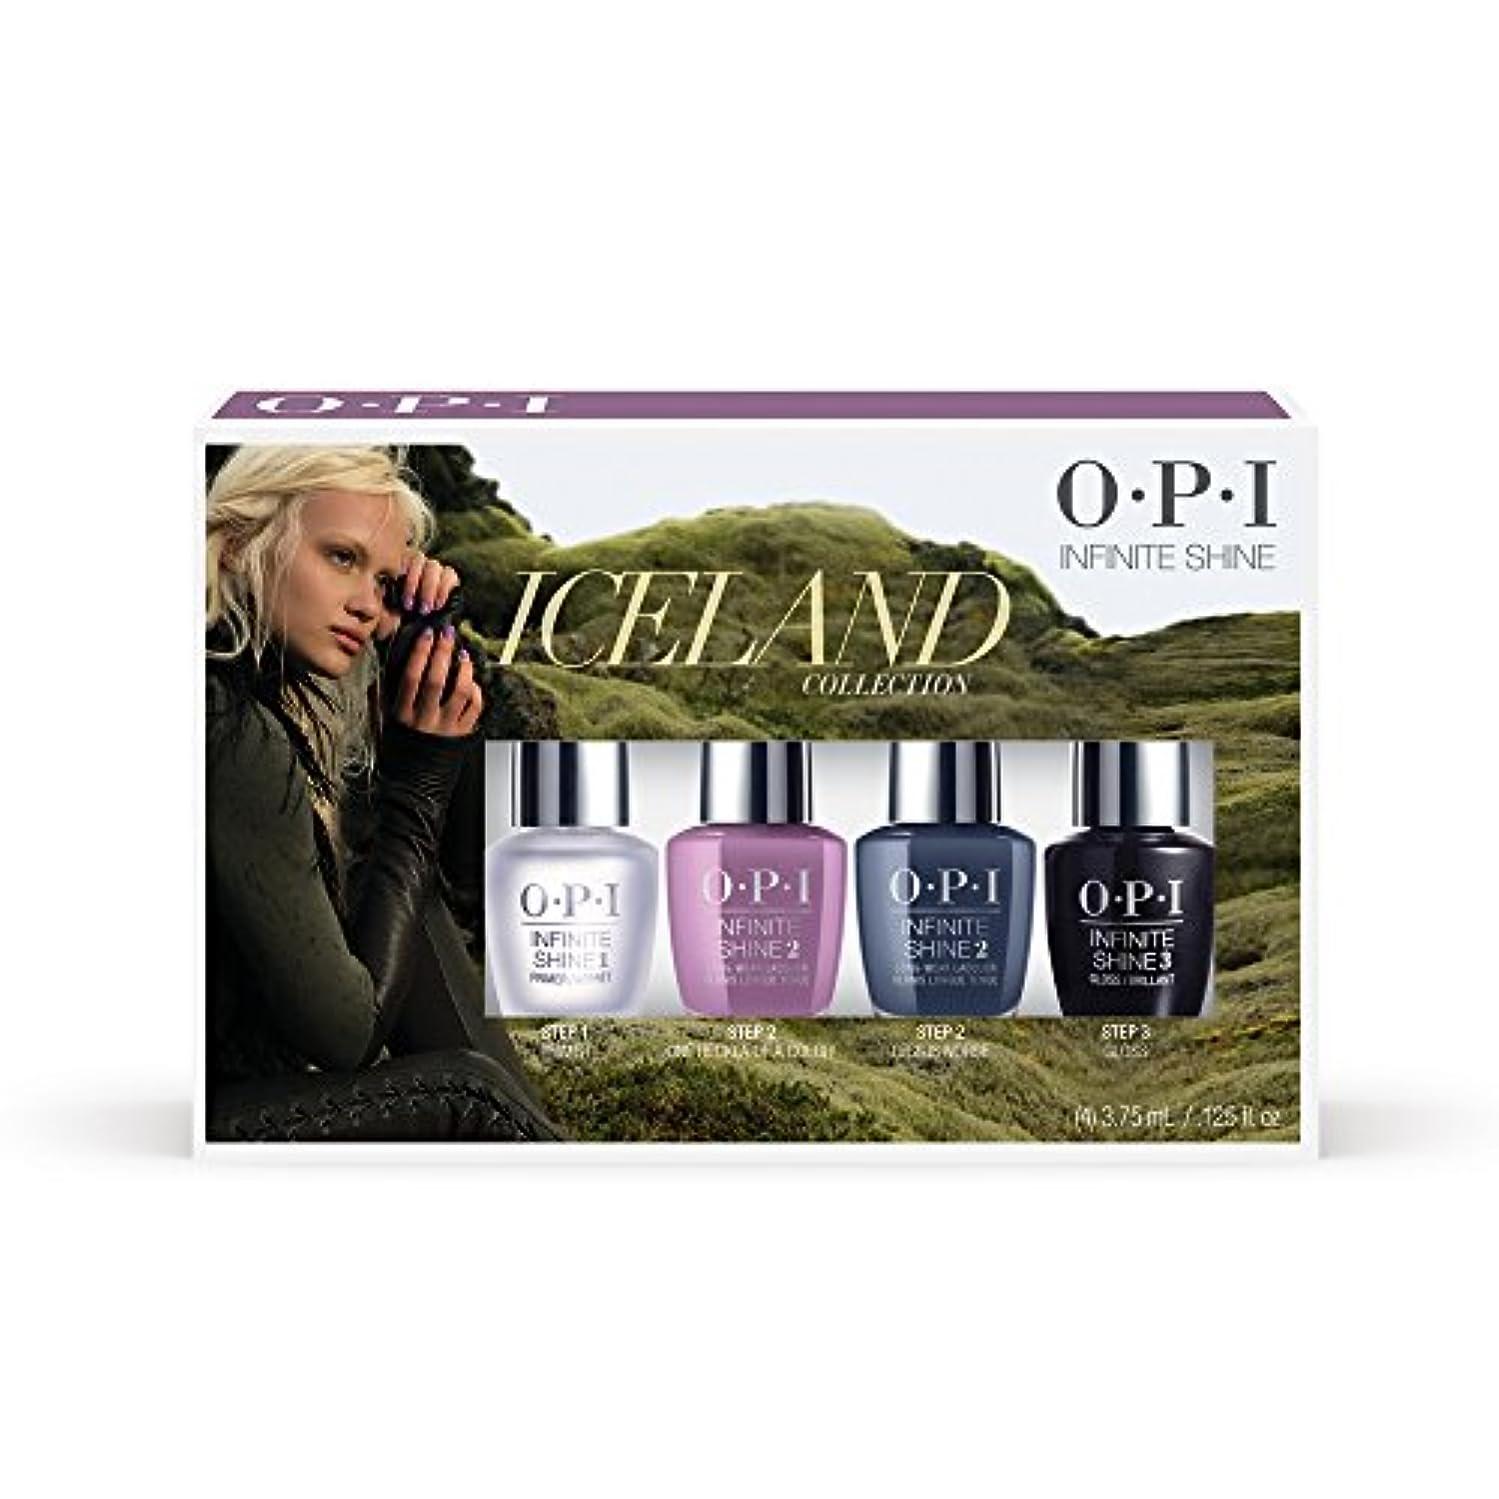 平らな聞きます西部OPI(オーピーアイ) アイスランド コレクション インフィニット シャイン ミニパック